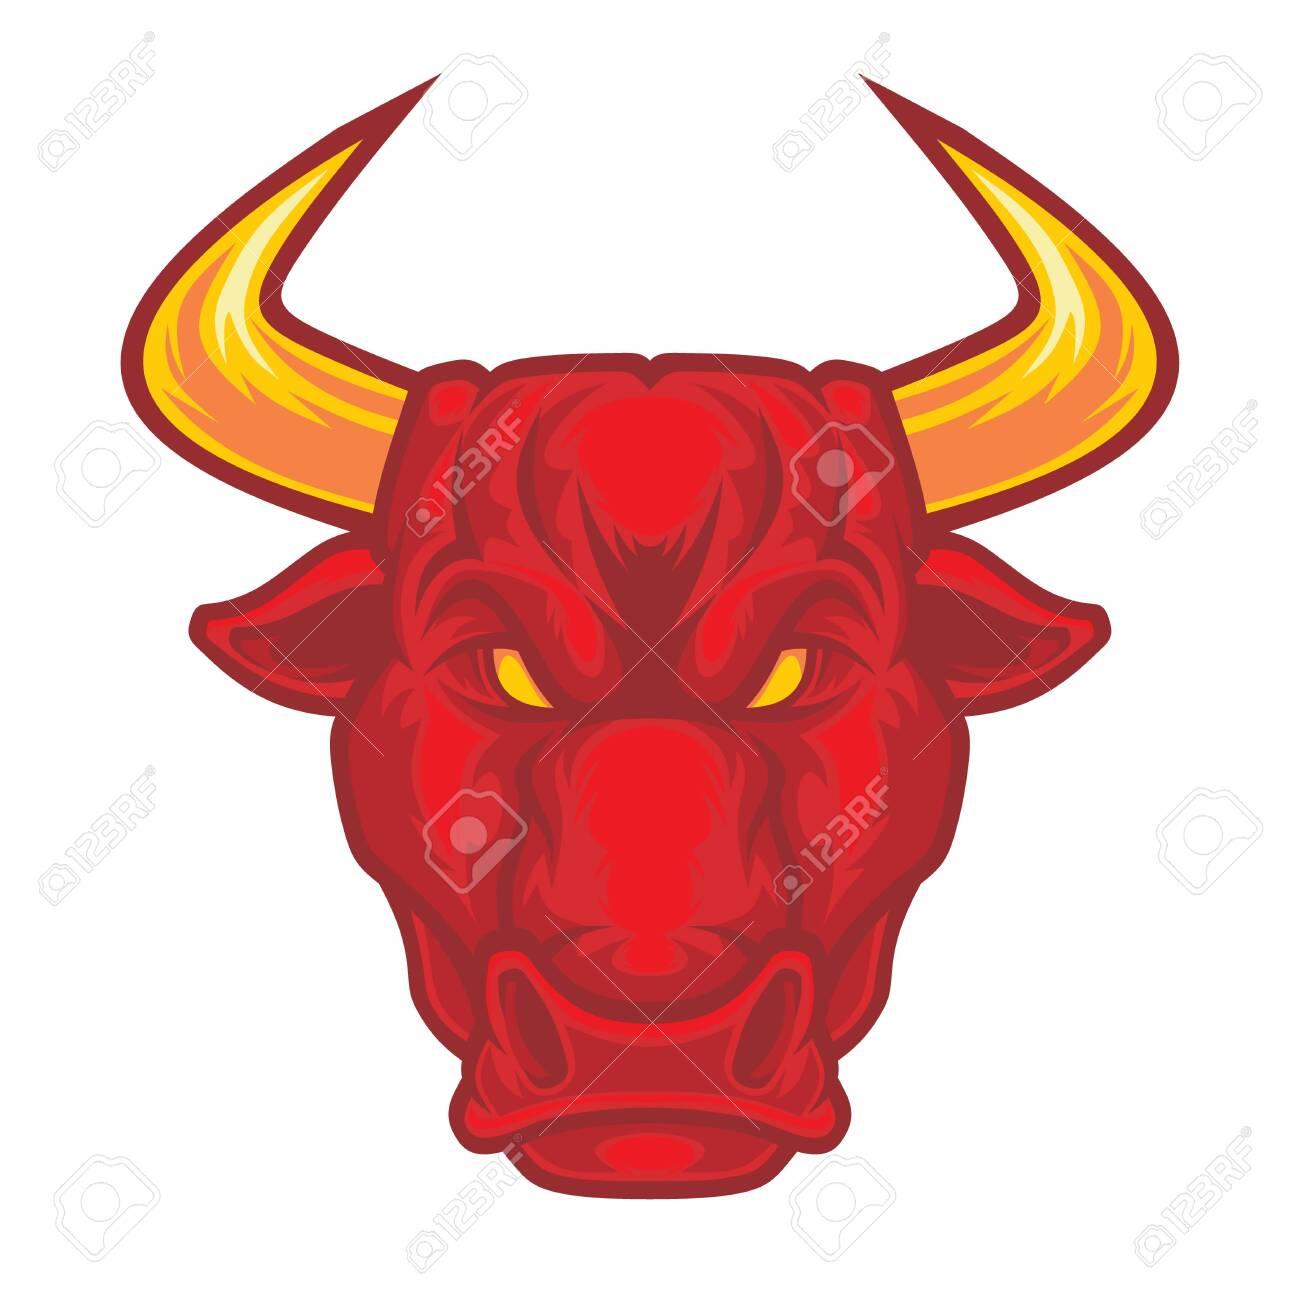 Bull head. - 130422875